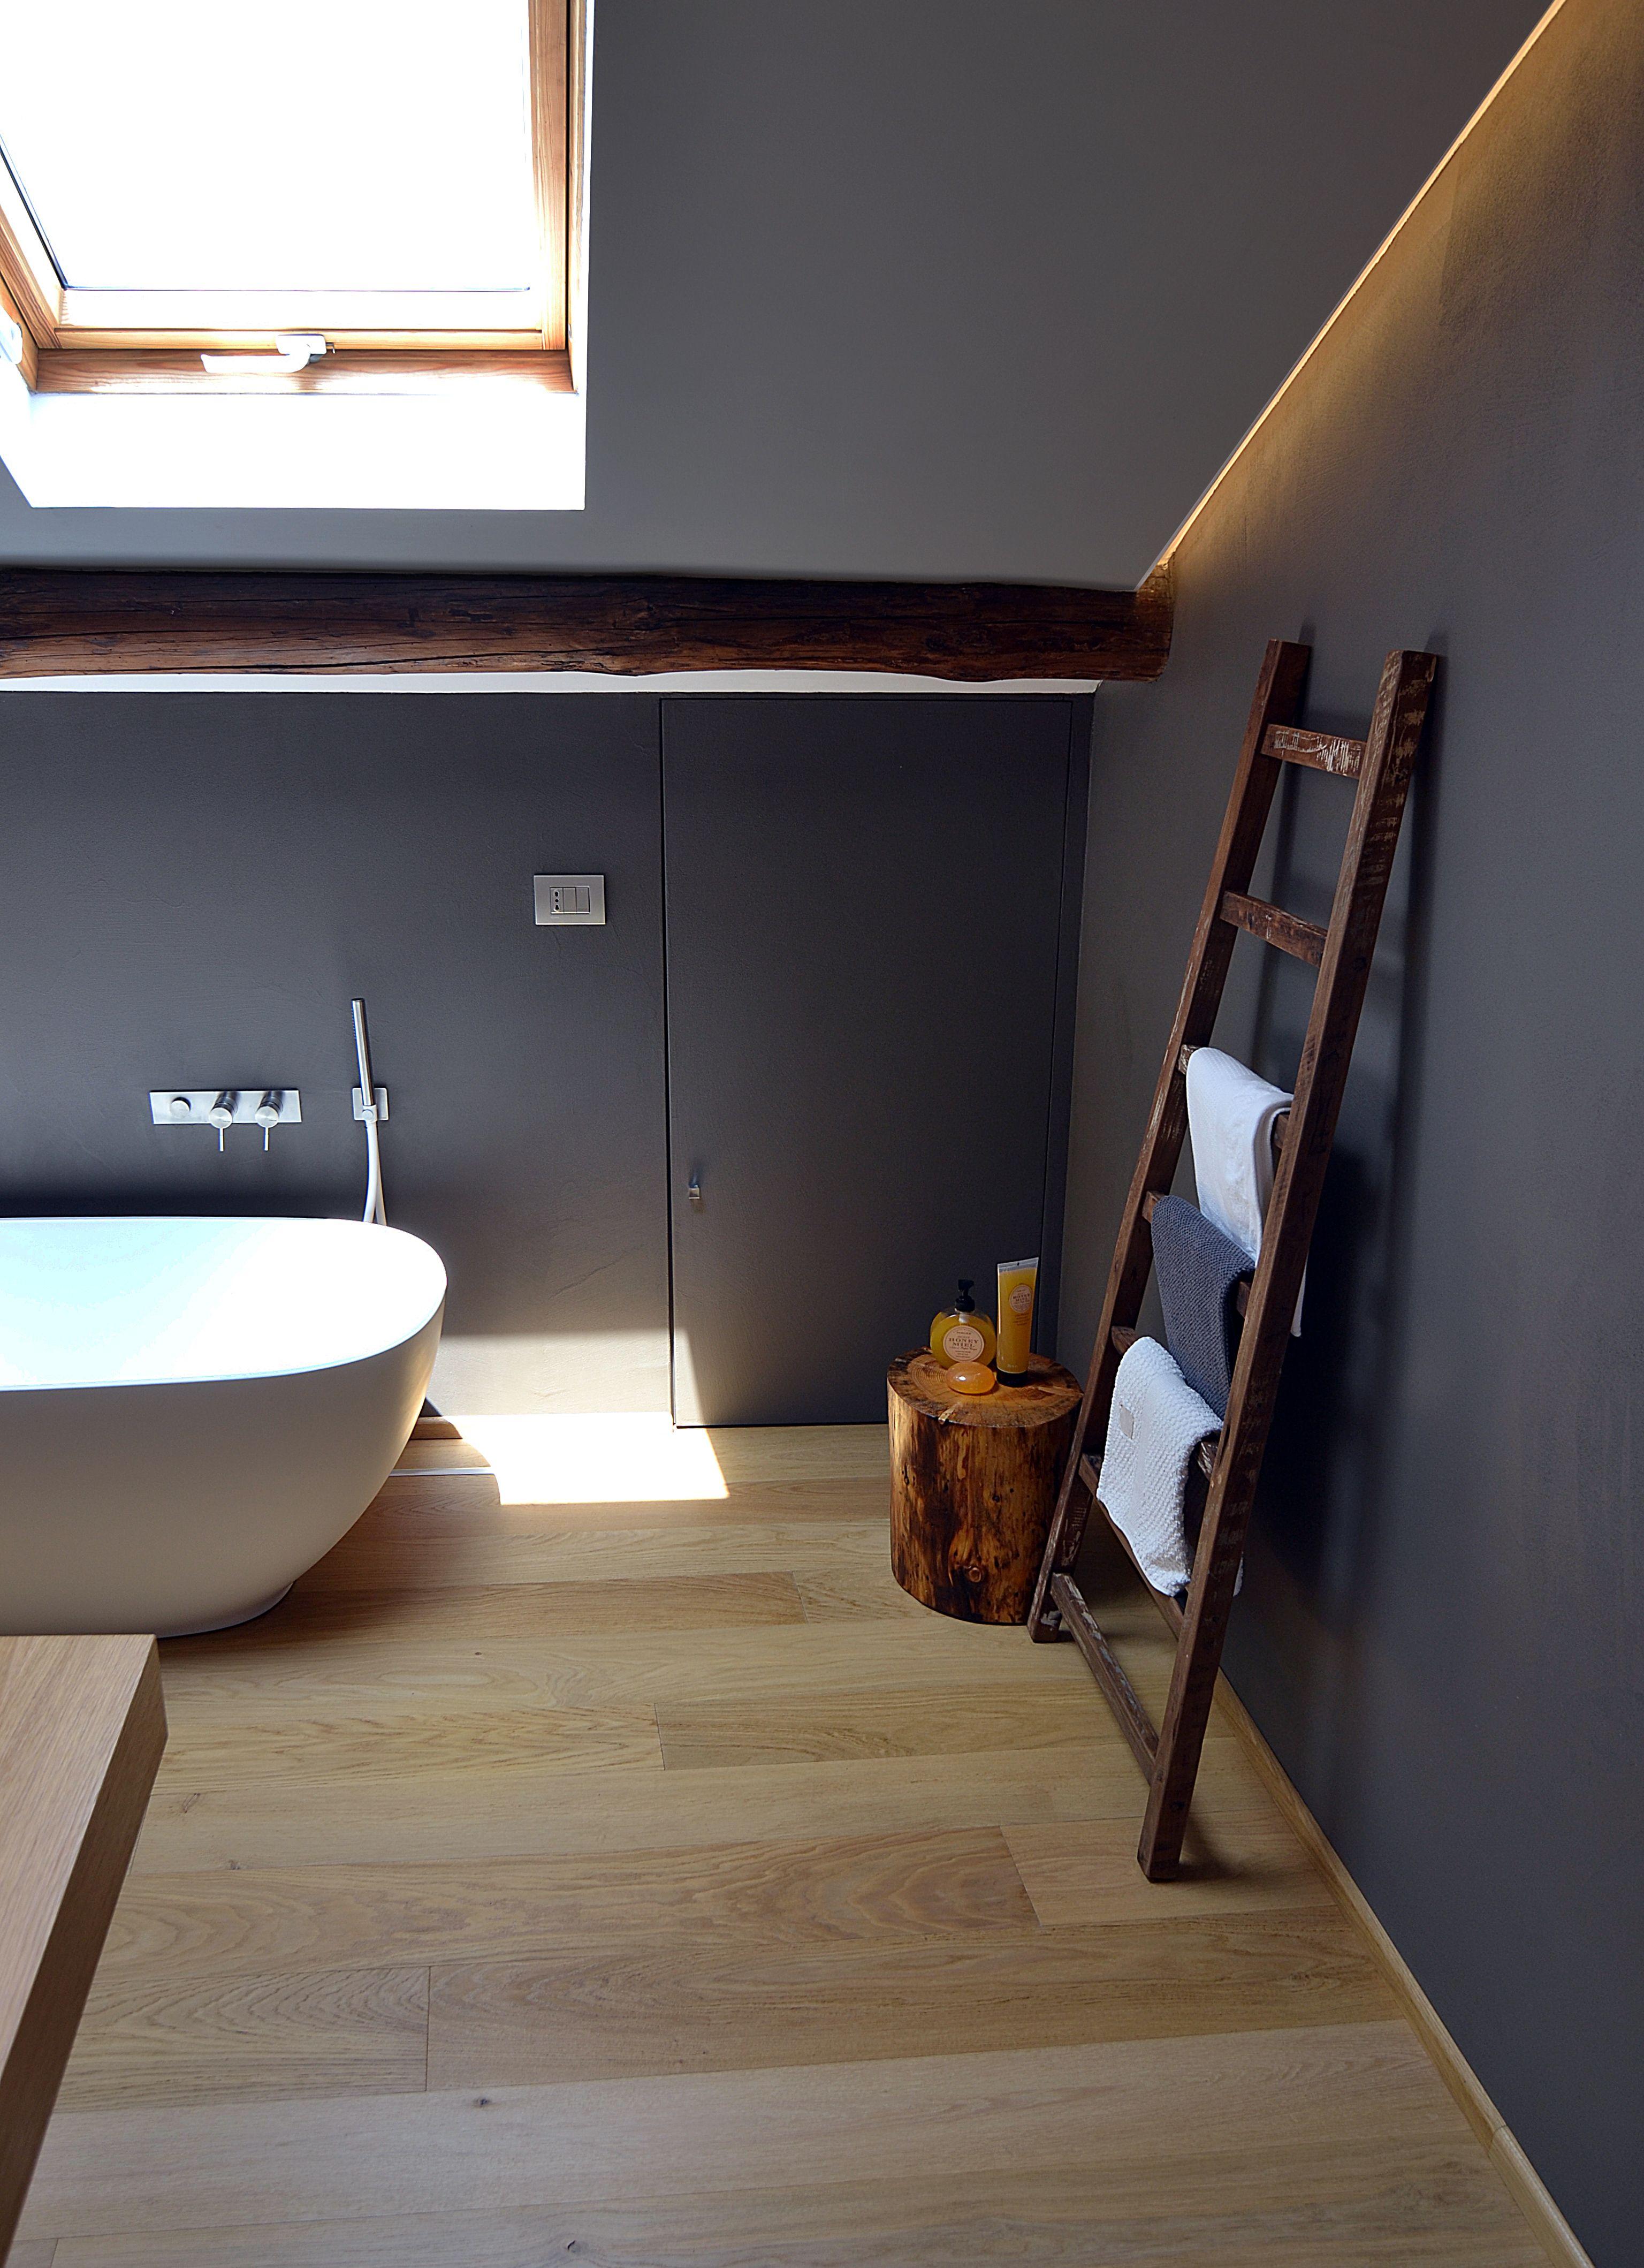 Bagno Vasca Parquet Scala Interiordesign